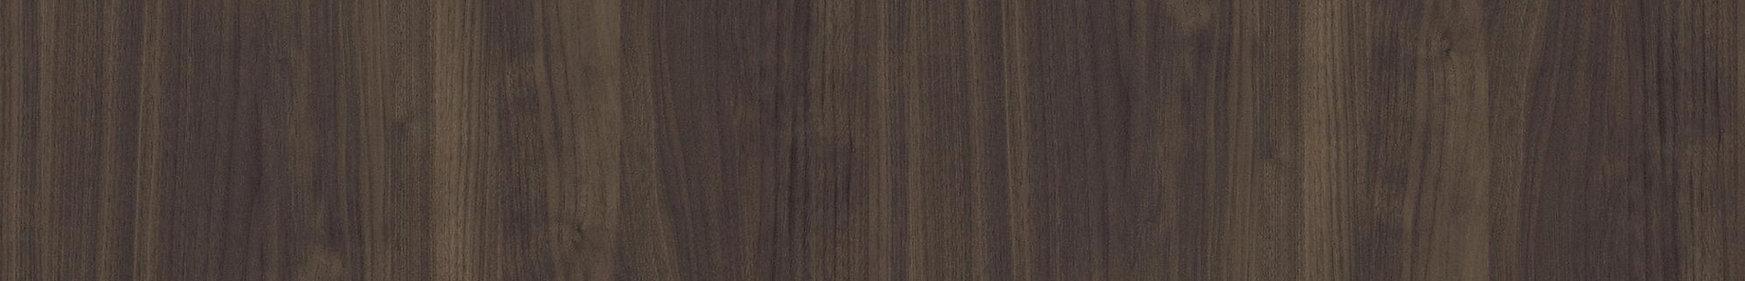 walnut2000F.jpg